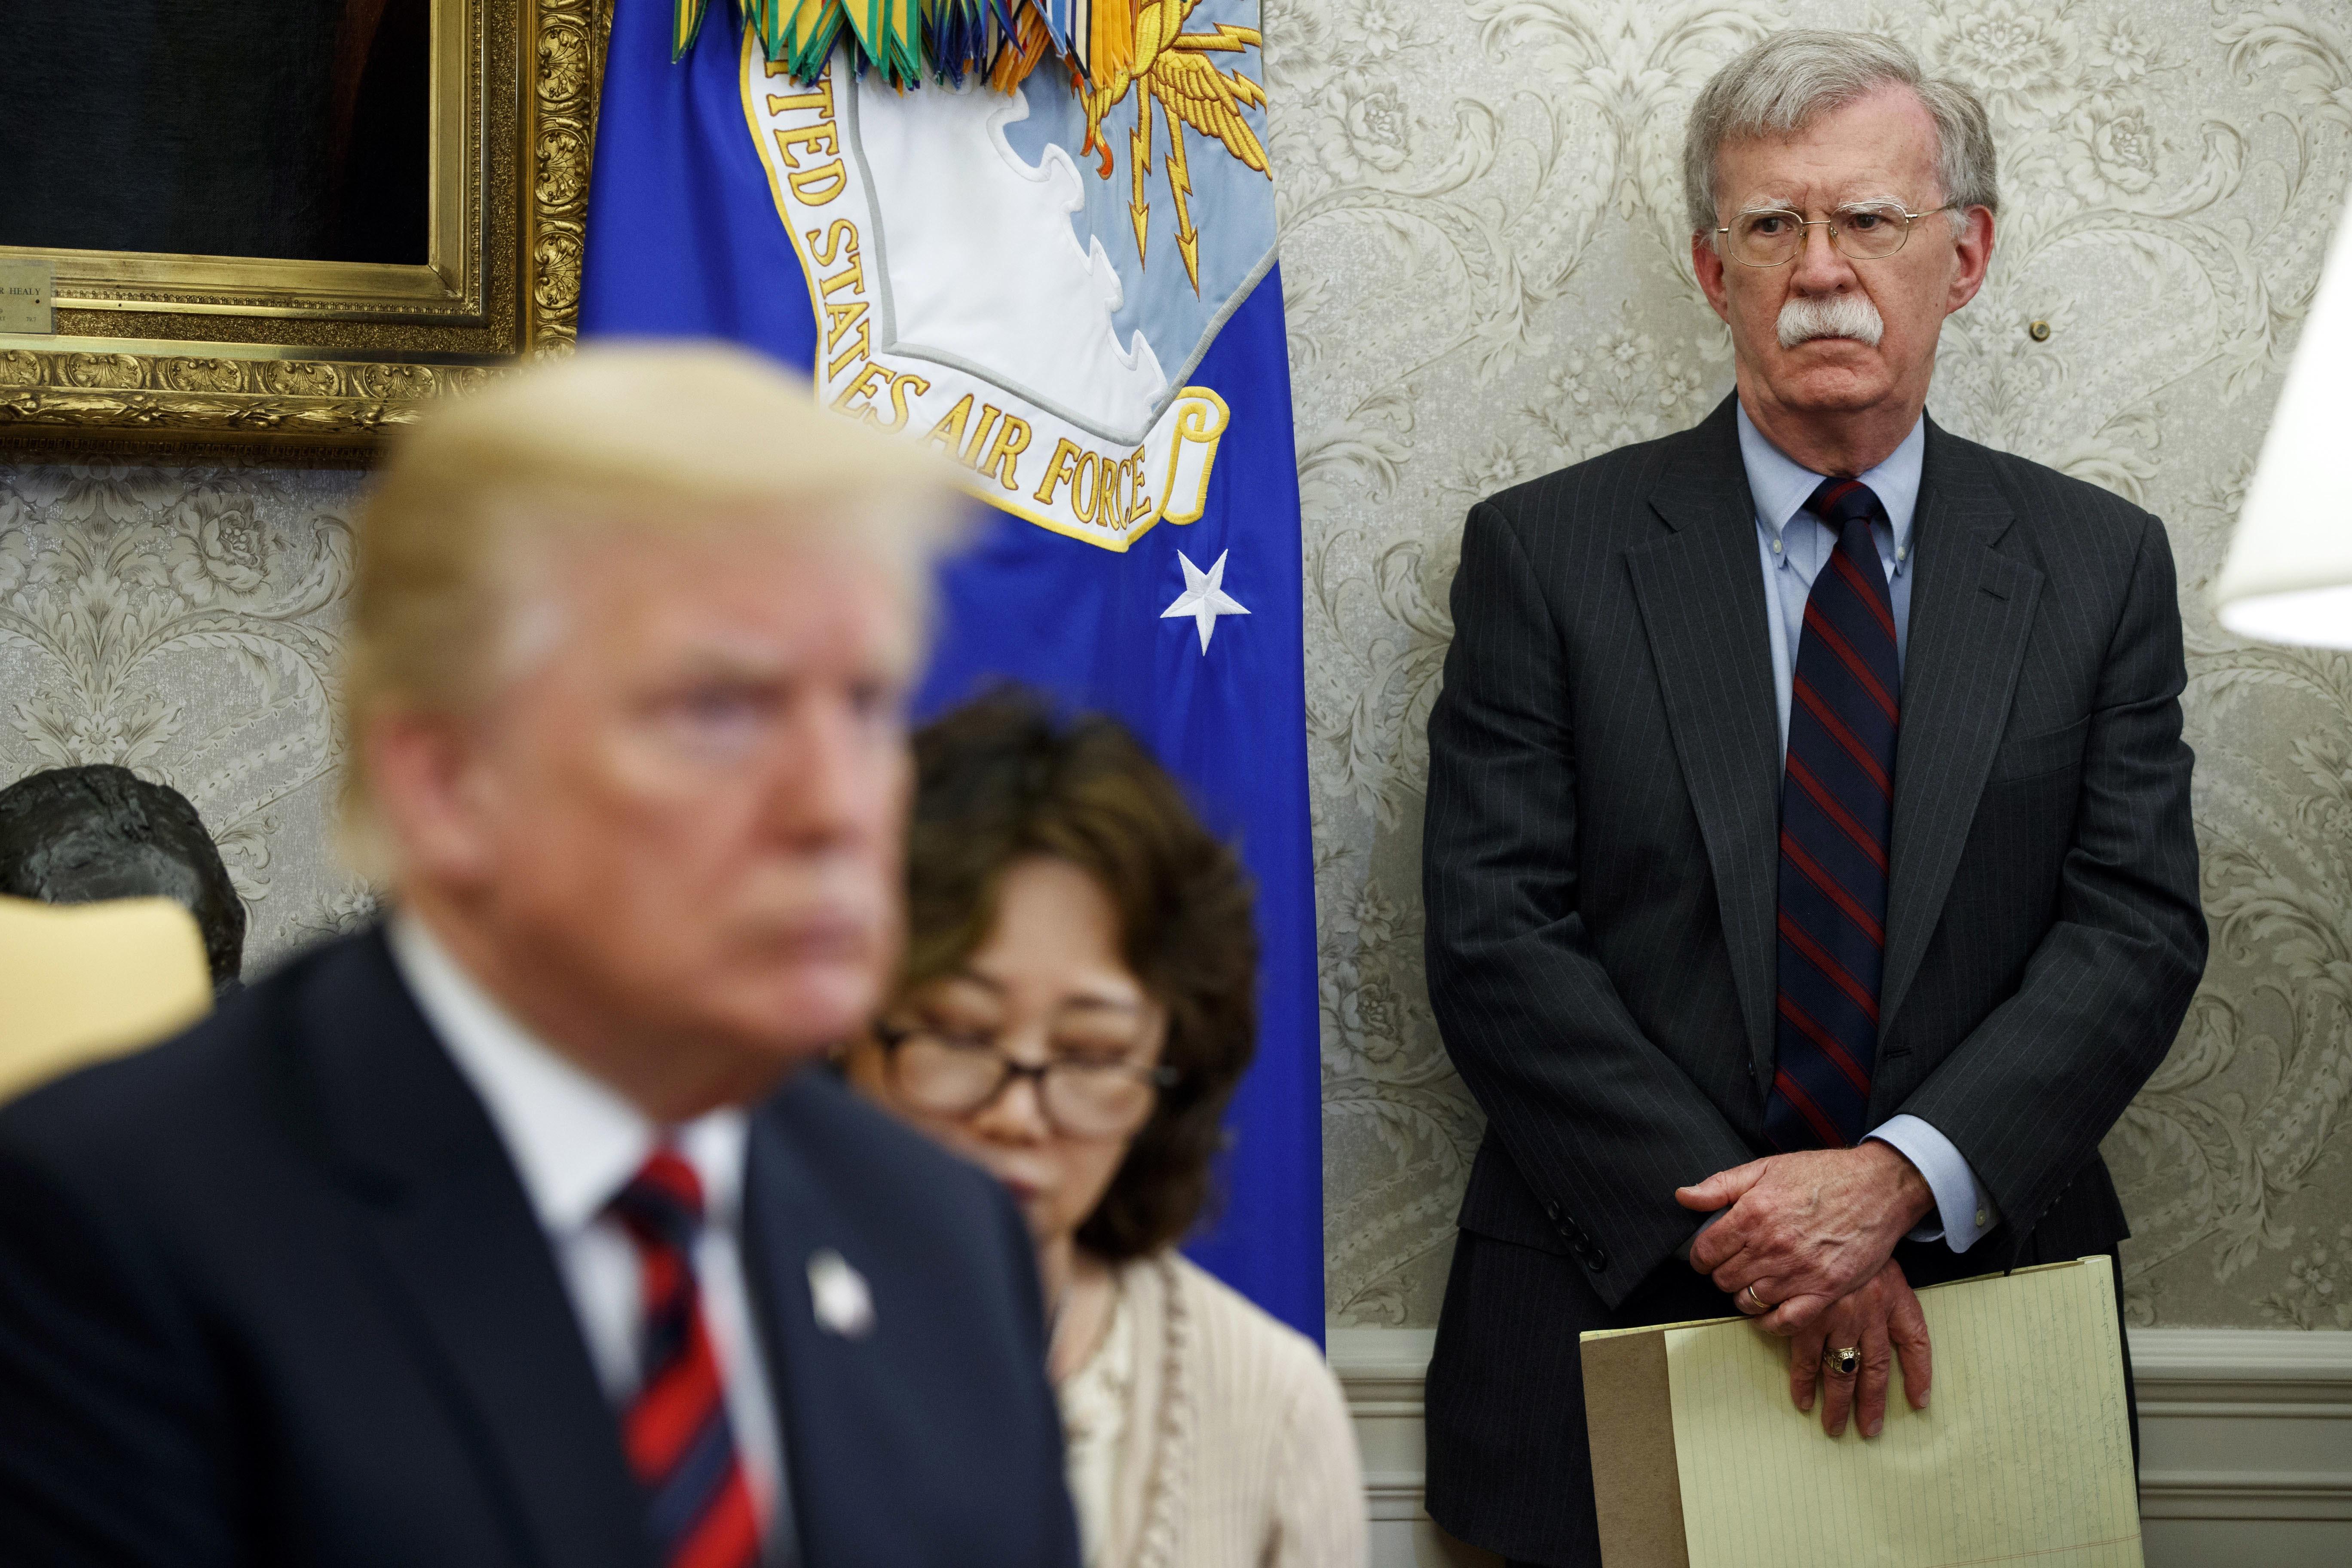 Donald Trump denies reported Bolton account of Ukraine quid pro quo